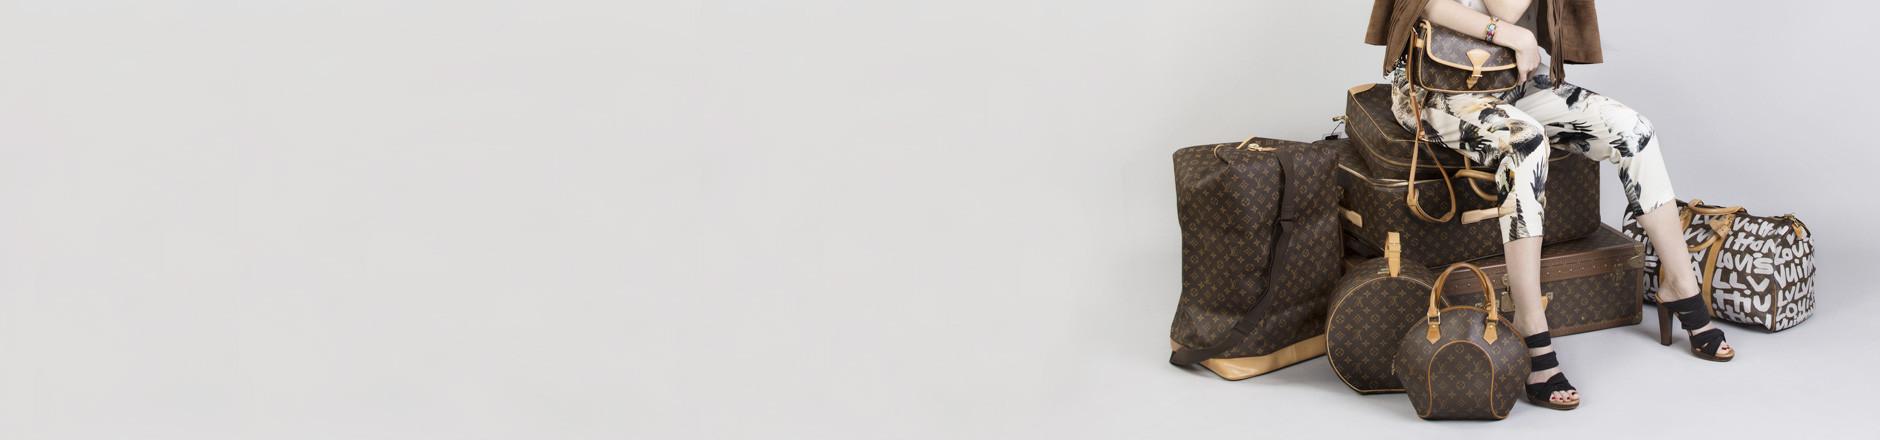 Tassen Dames Louis Vuitton : Louis vuitton bags second hand